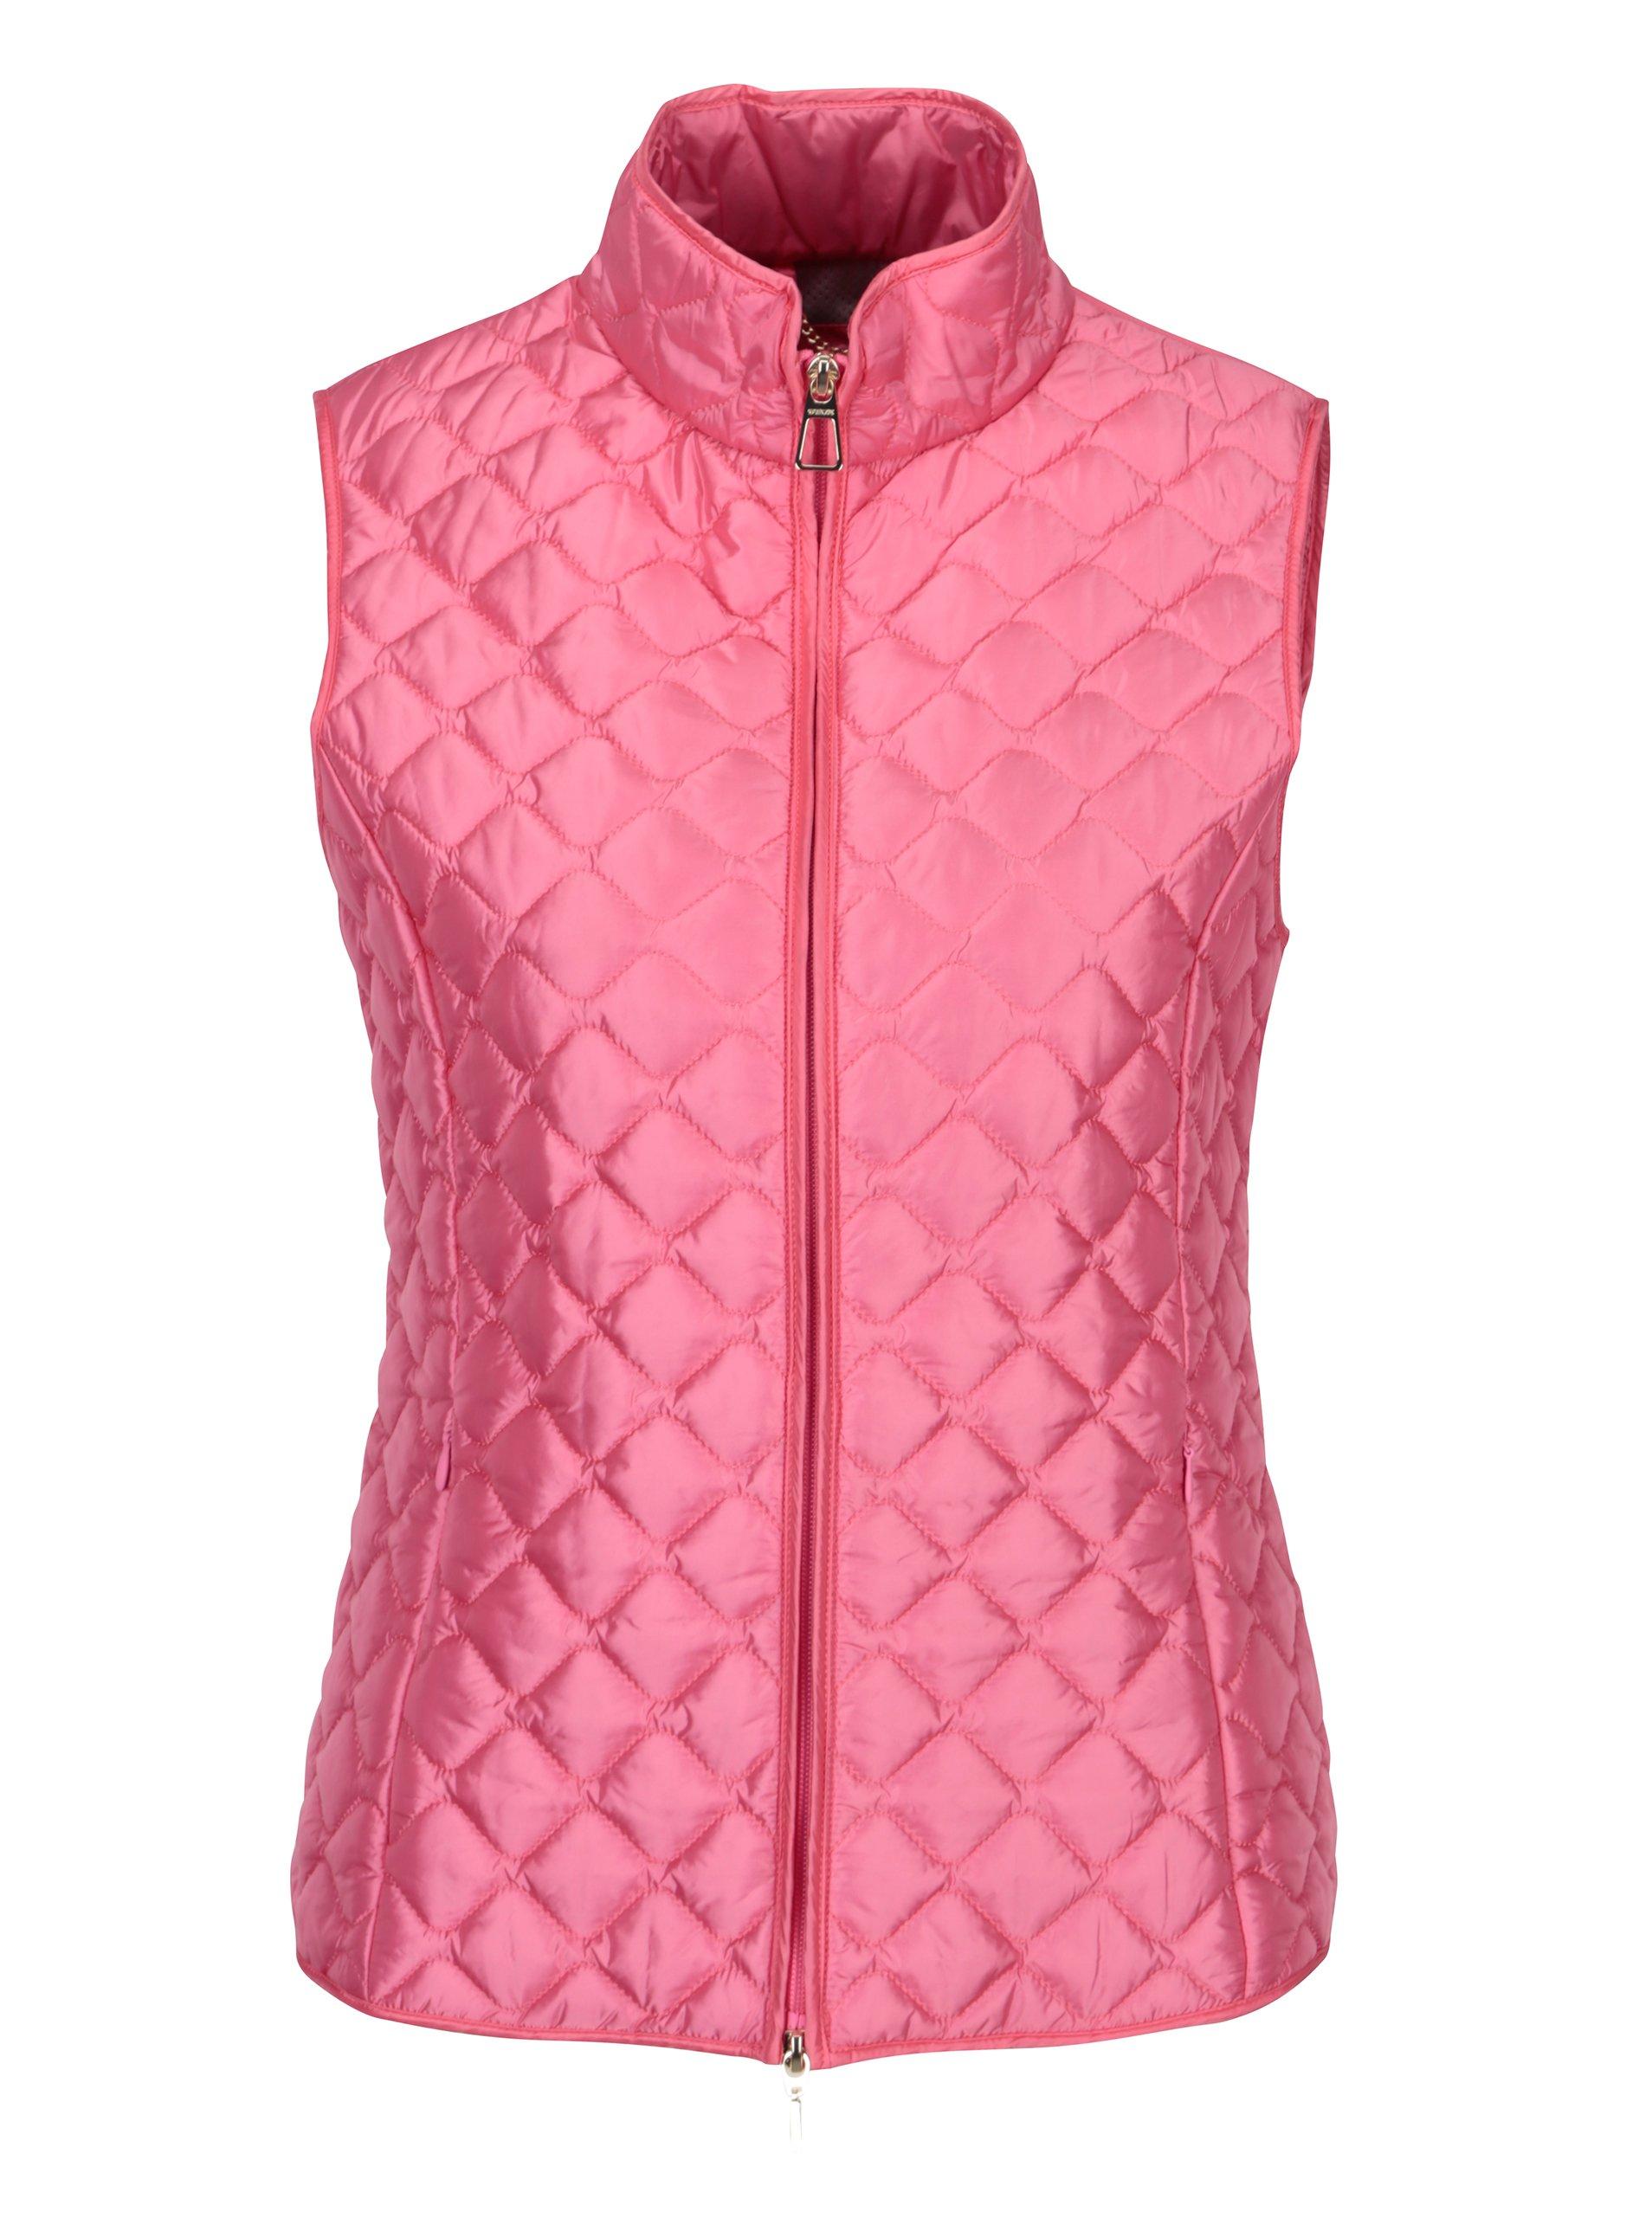 Fotografie Růžová dámská prošívaná vesta Geox